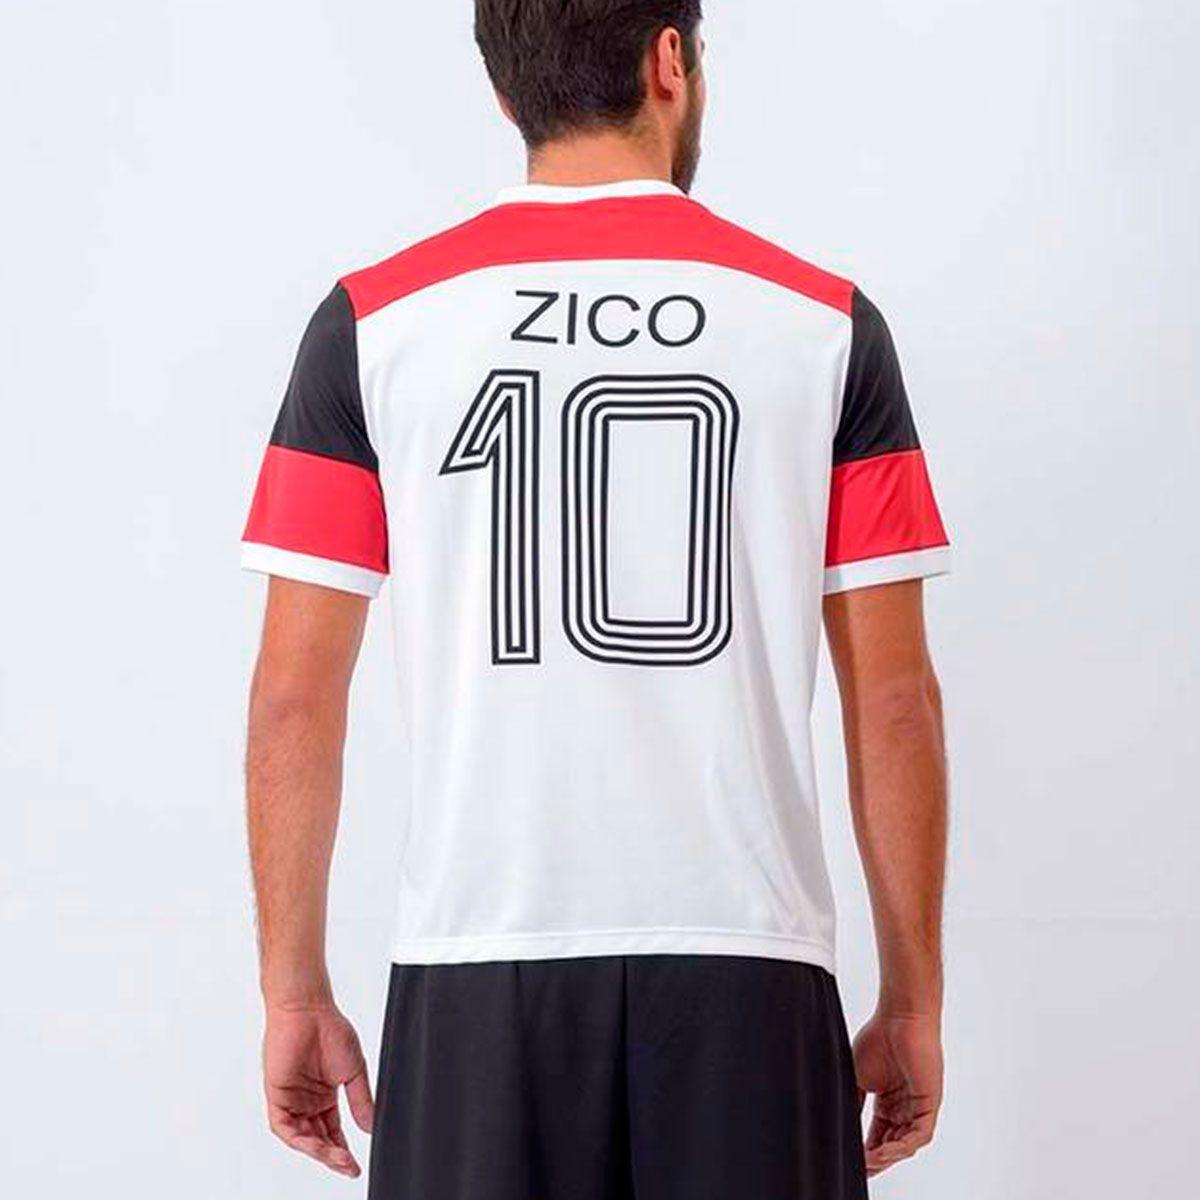 Camisa Flamengo Libertadores Zico 81 Retrô a6001d2593950